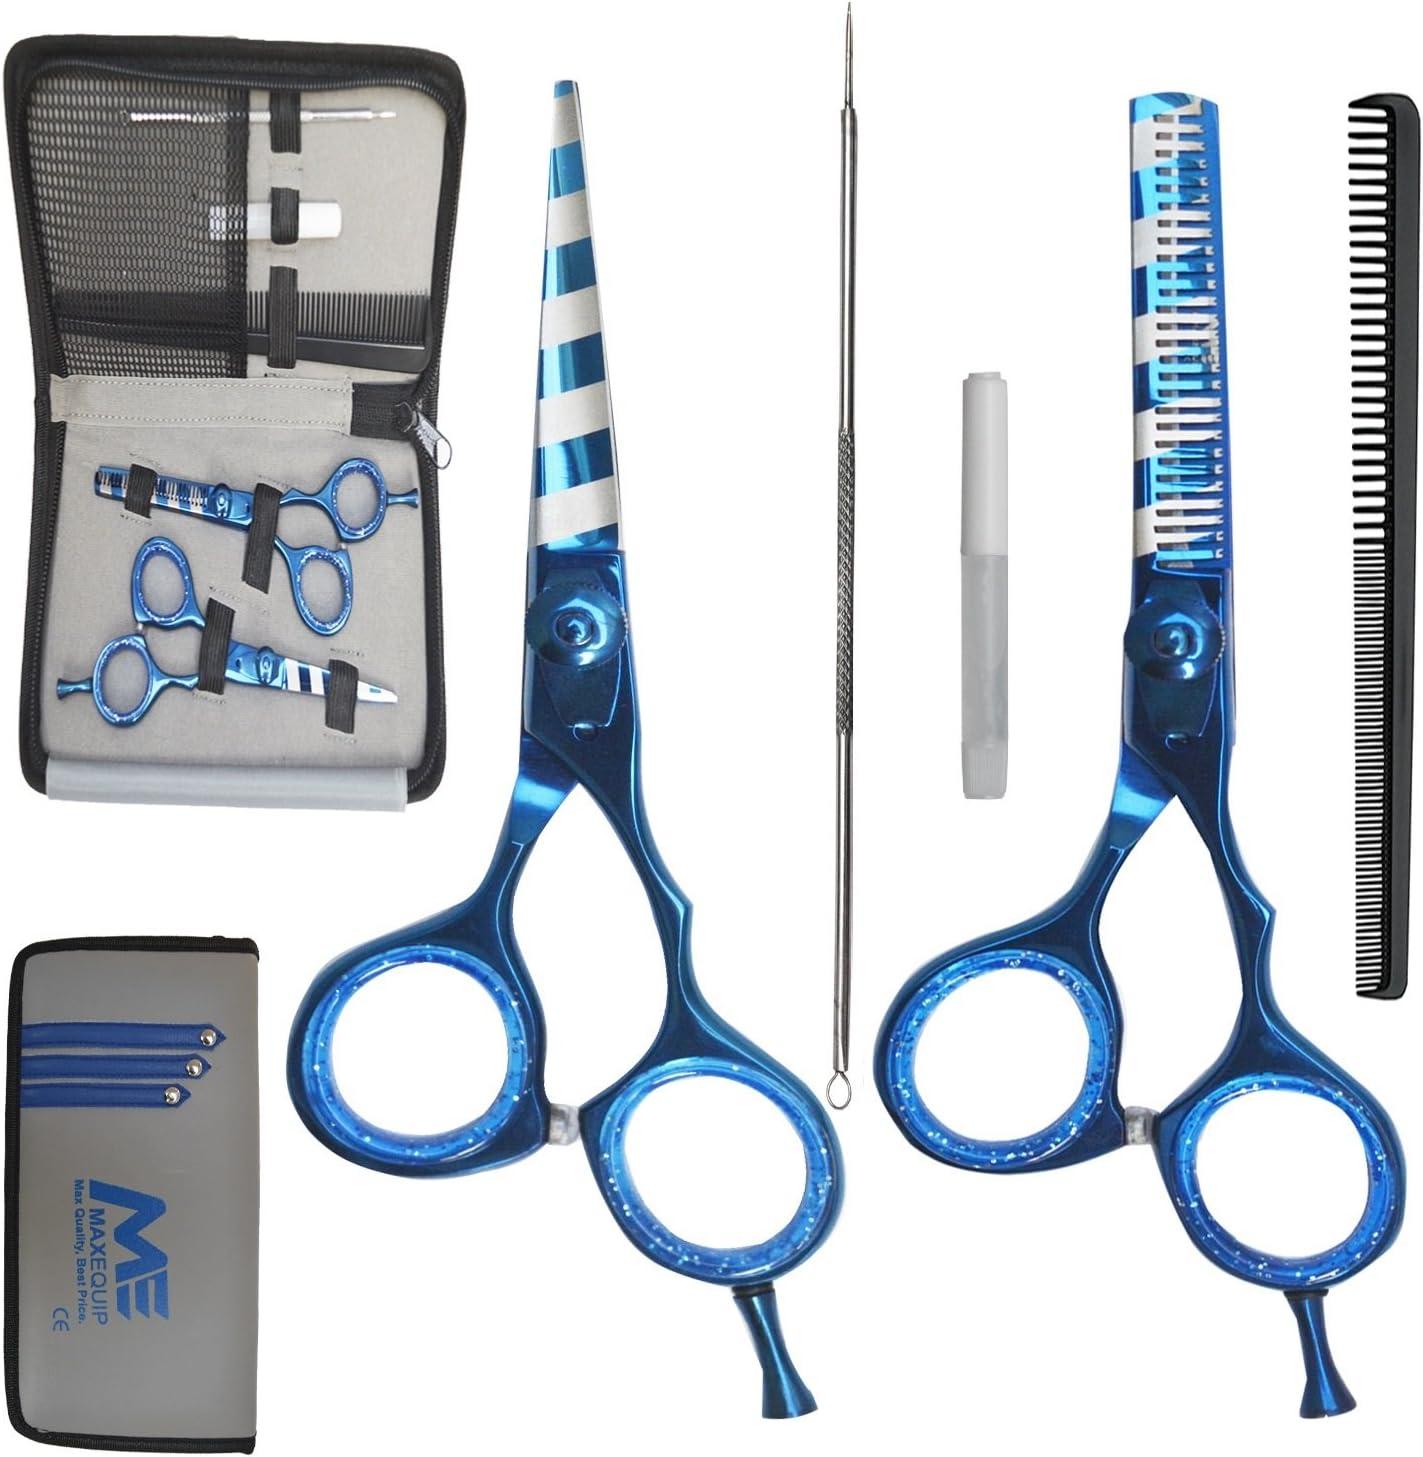 Tijeras de peluquería de 5 piezas, set de regalo, tijeras para peluquería, peine, aceite, extractor de puntos negros, bolsa a juego, calidad profesional, color azul